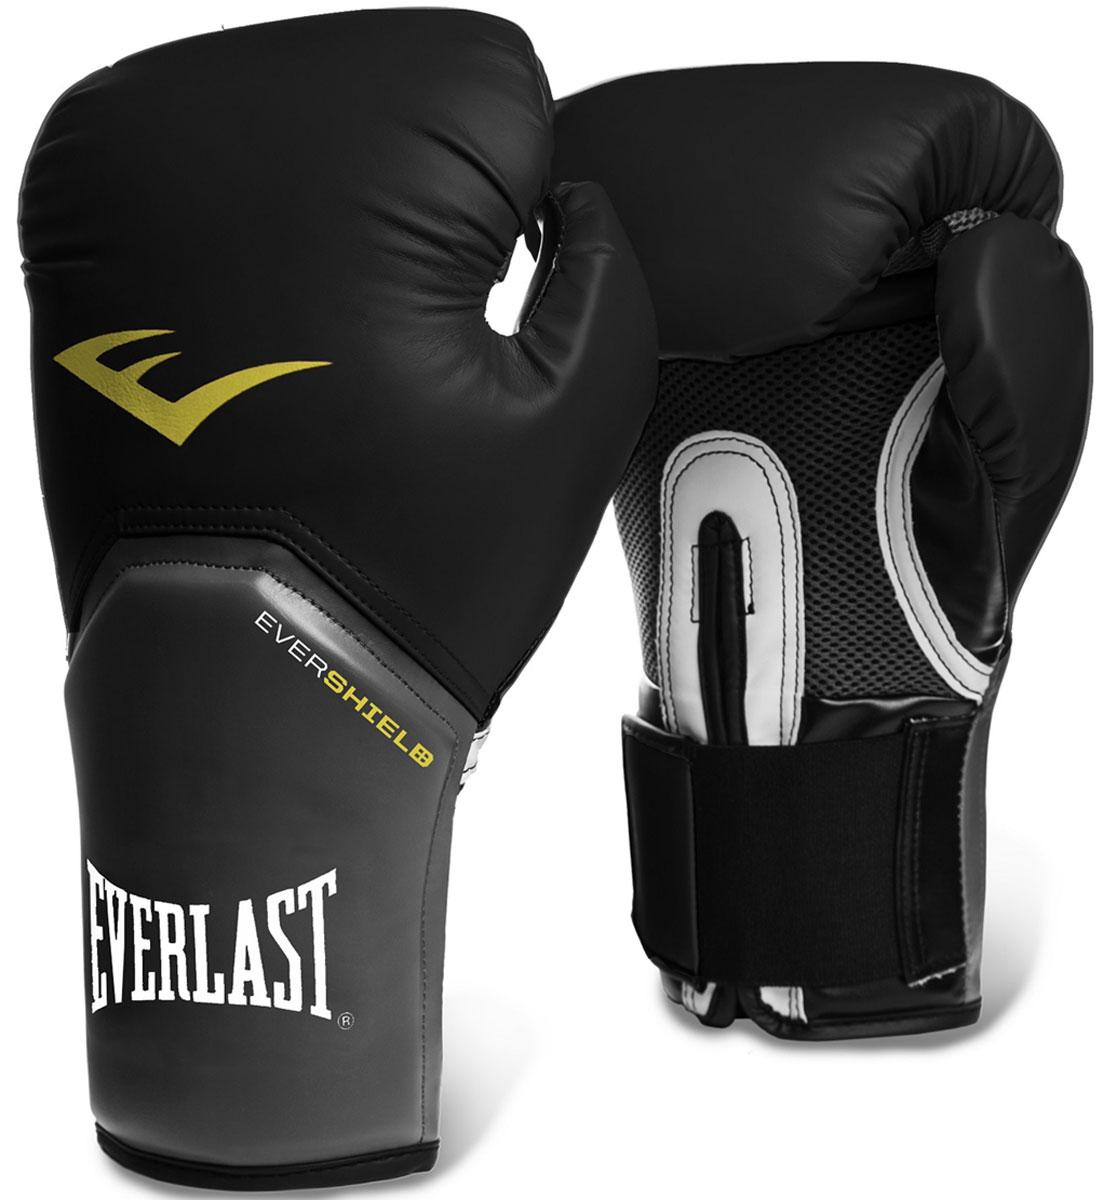 Перчатки тренировочные Everlast Pro Style Elite, цвет: черный, 14 унций2314EEverlast Pro Style Elite — тренировочные боксерские перчатки для спаррингов и работы на снарядах. Изготовлены из качественной искусственной кожи с применением технологий Everlast, использующихся в экипировке профессиональных спортсменов. Благодаря выверенной анатомической форме перчатки надежно фиксируют руку и гарантируют защиту от травм. Нижняя часть, полностью изготовленная из сетчатого материала, обеспечивает циркуляцию воздуха и препятствует образованию влаги, а также неприятного запаха за счет антибактериальной пропитки EVERFRESH. Комбинация легких дышащих материалов поддерживает оптимальную температуру тела. Модель подходит для начинающих боксеров, которые хотят тренироваться с экипировкой высокого класса.